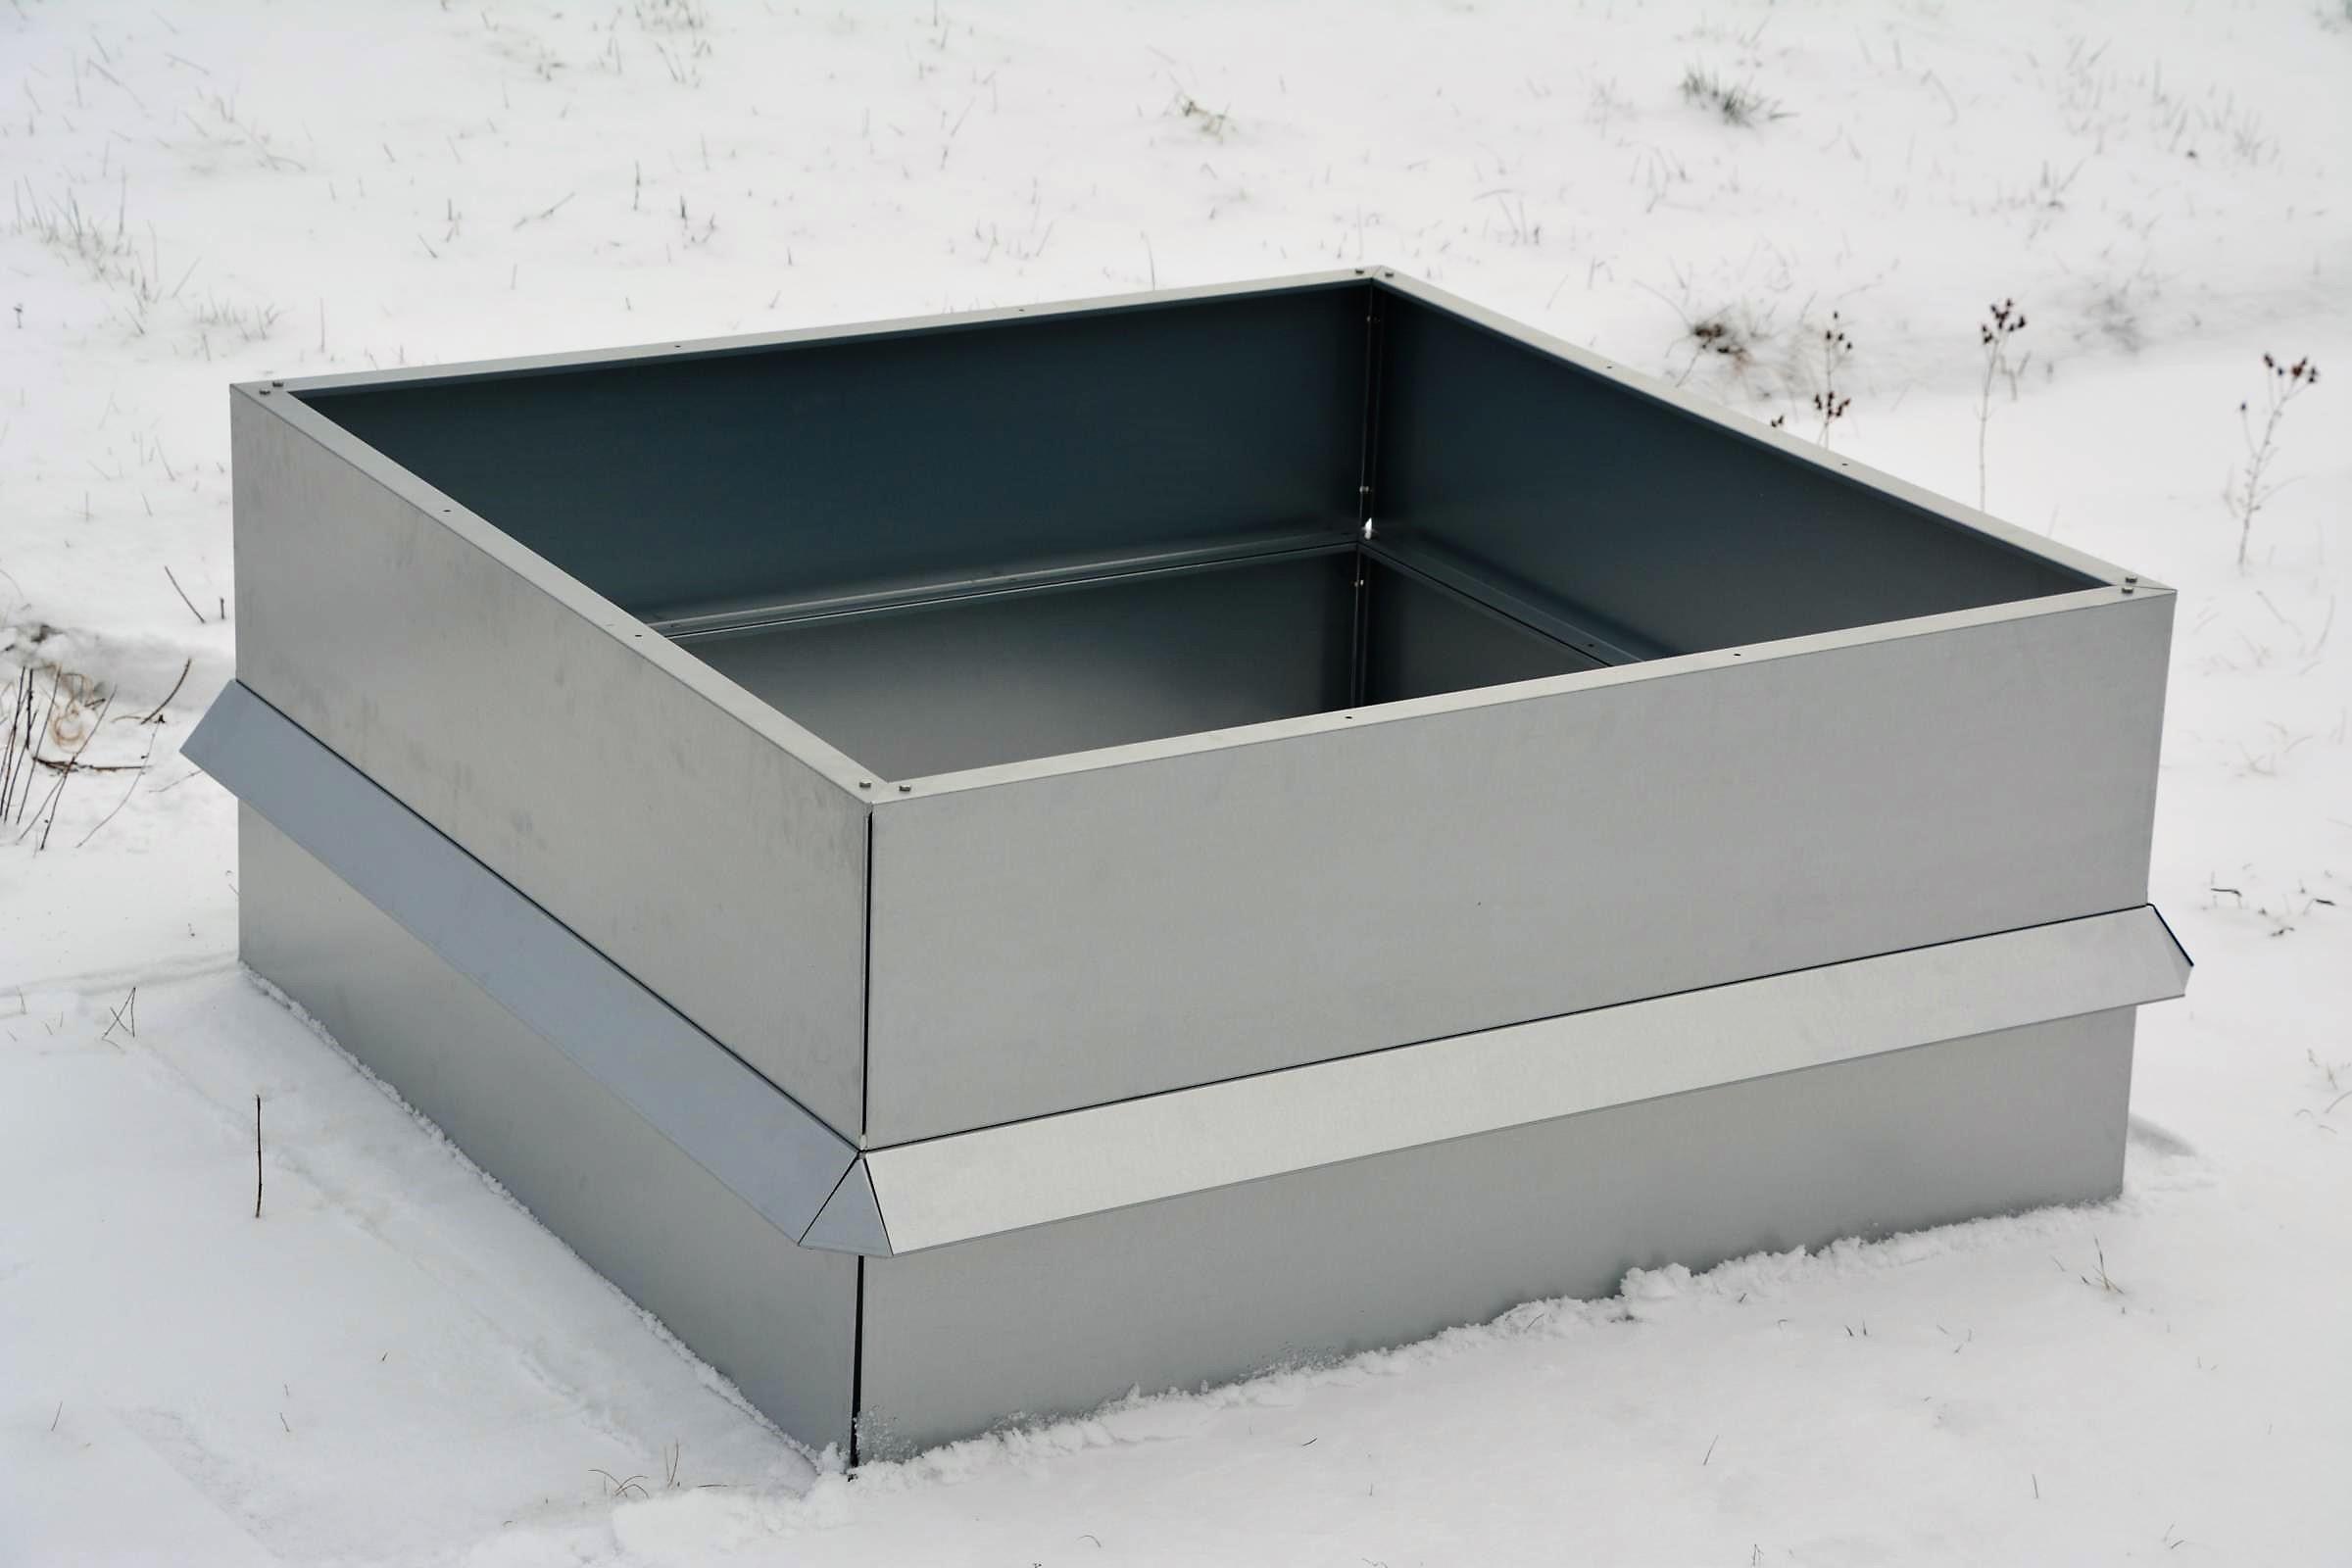 hochbeet und fr hbeet alles f r haus und garten aus metall. Black Bedroom Furniture Sets. Home Design Ideas